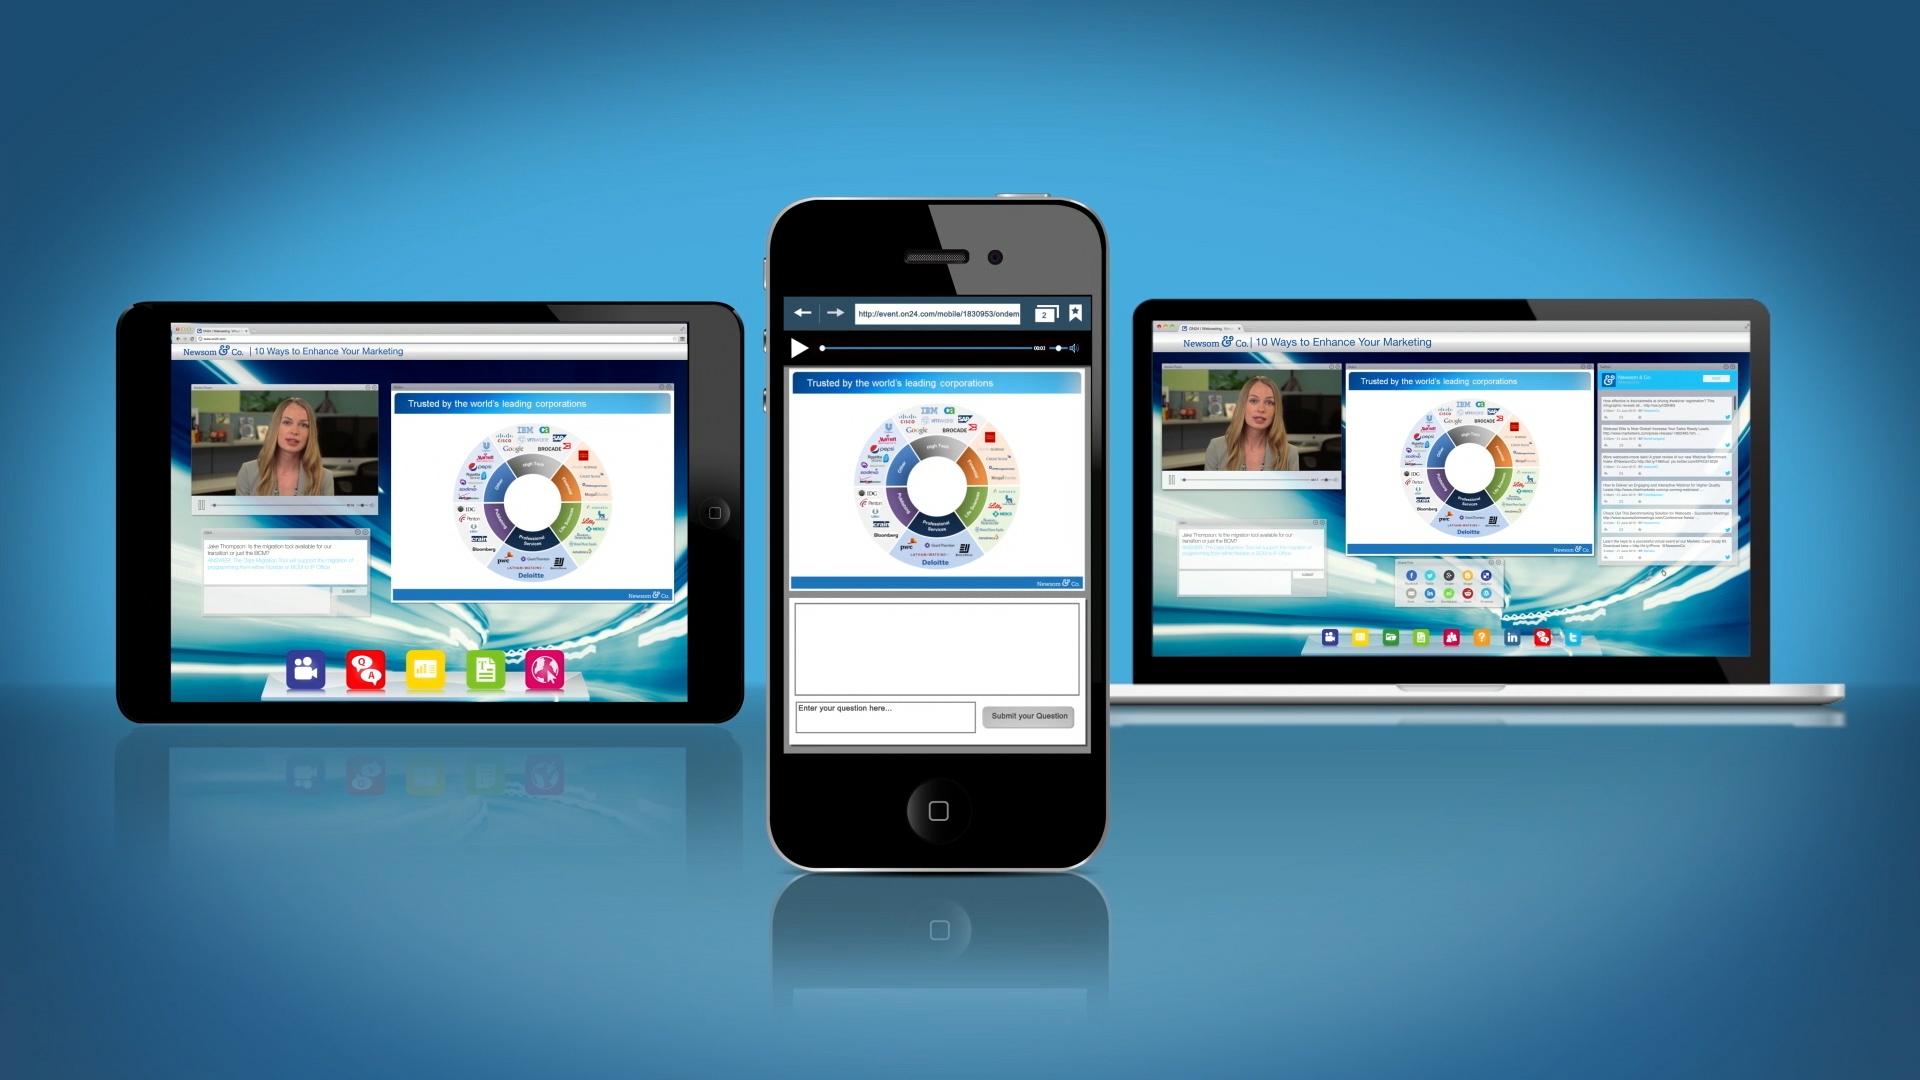 Webinars1.jpg